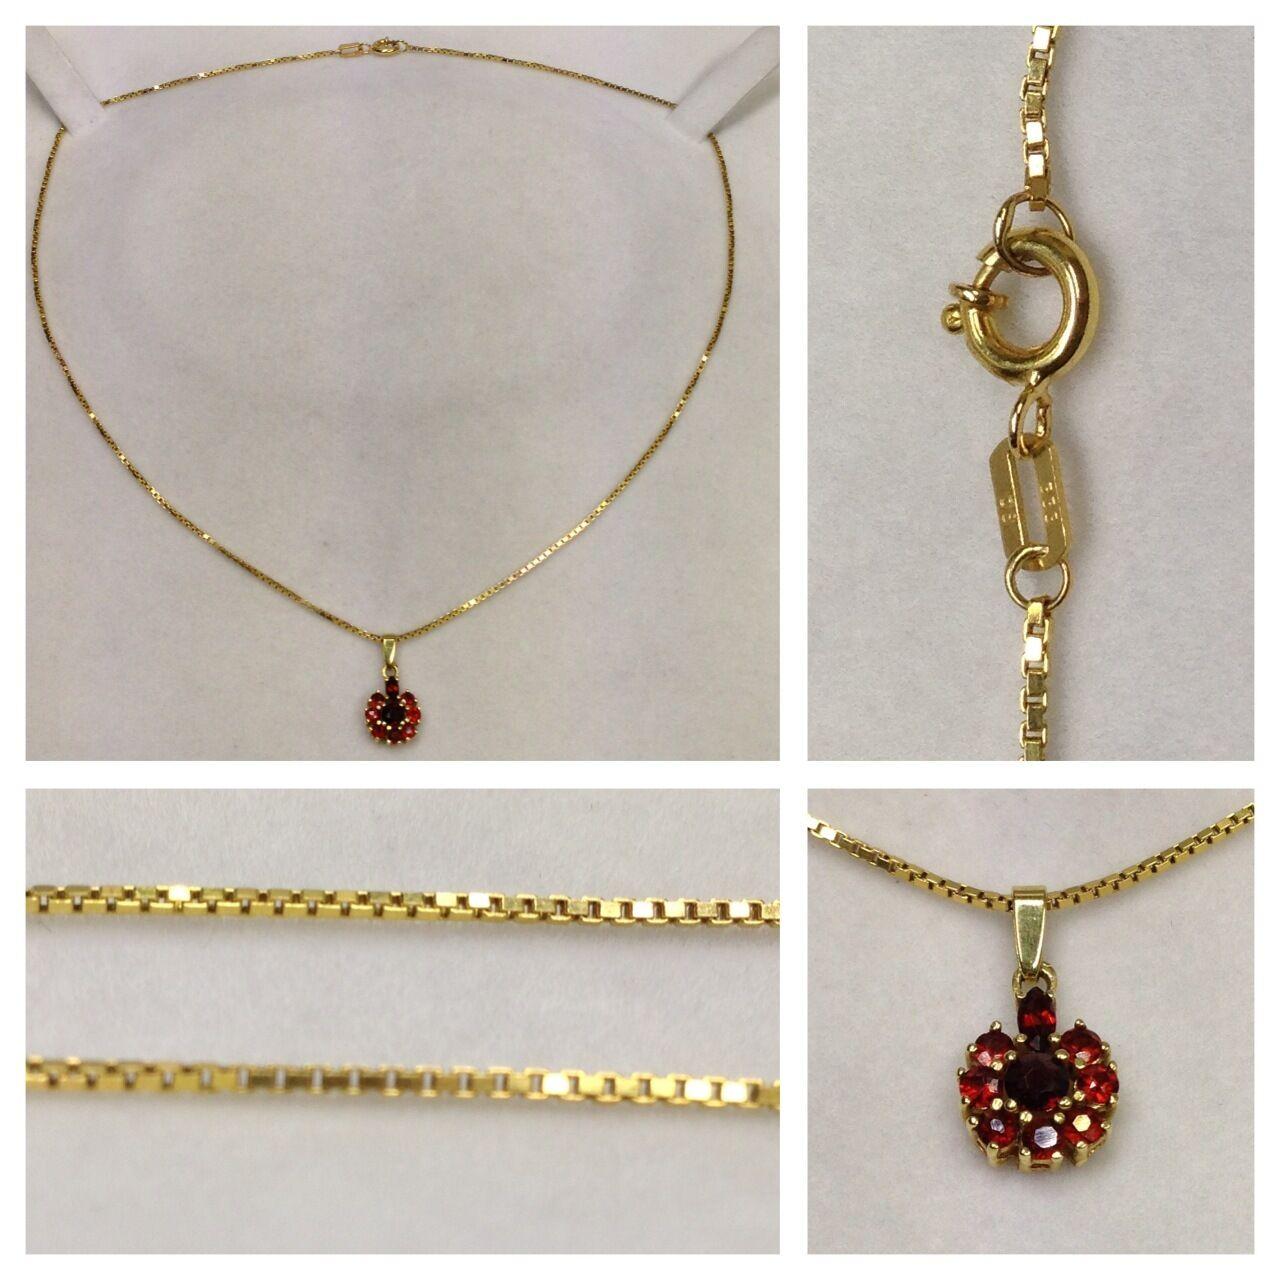 Cadena Veneciana Collar 333 gold CON COLGANTE granate collar de gold Collar 40cm